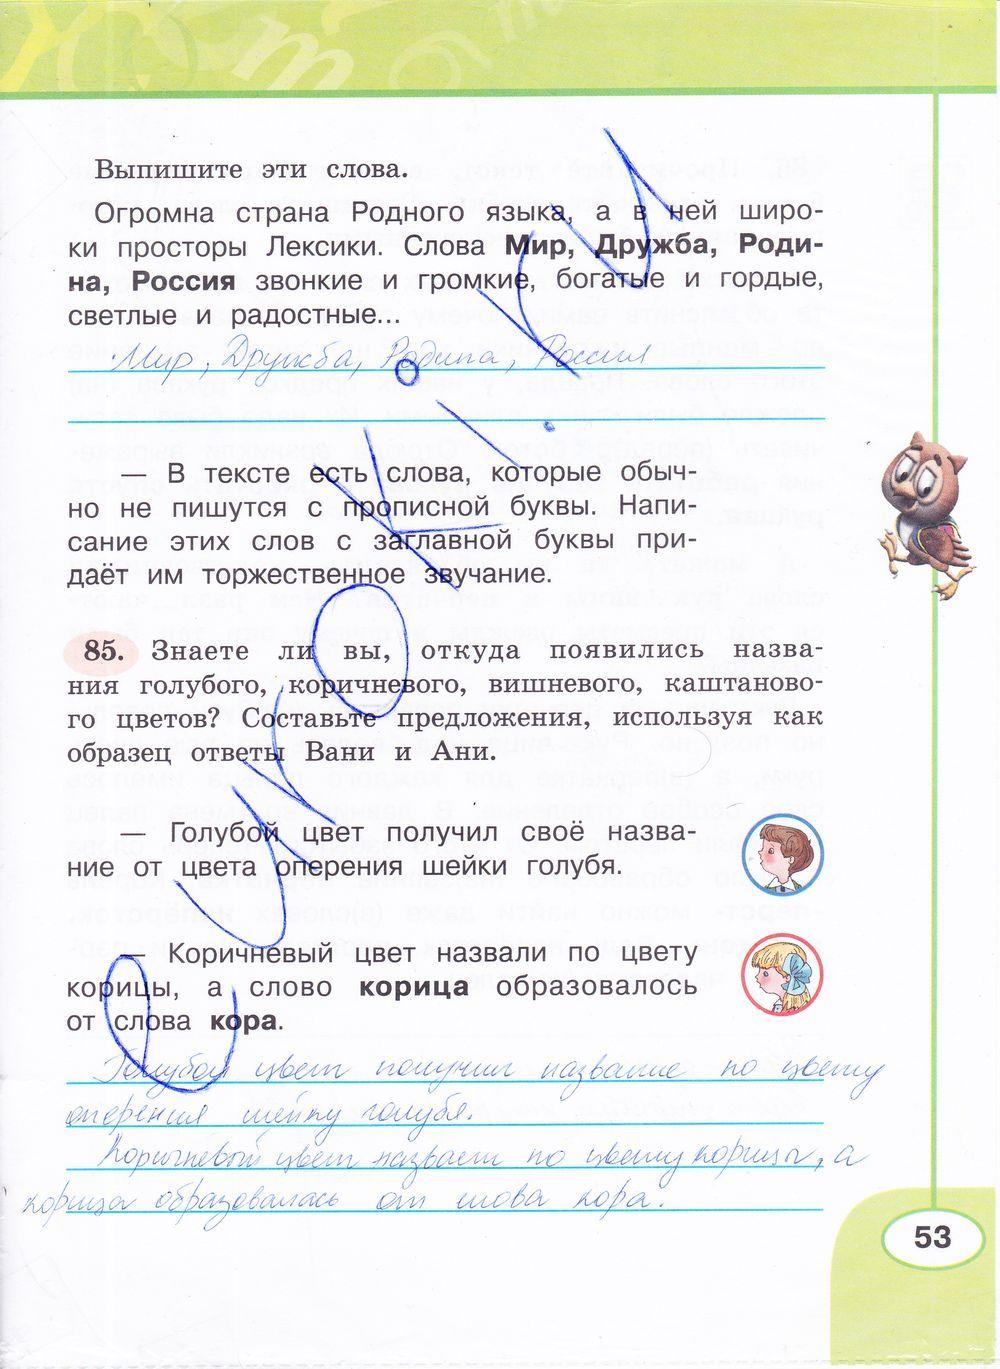 Скачать гдз по литературе 8 класс коровина.журавлёв.коровин xthtp njhhtyn